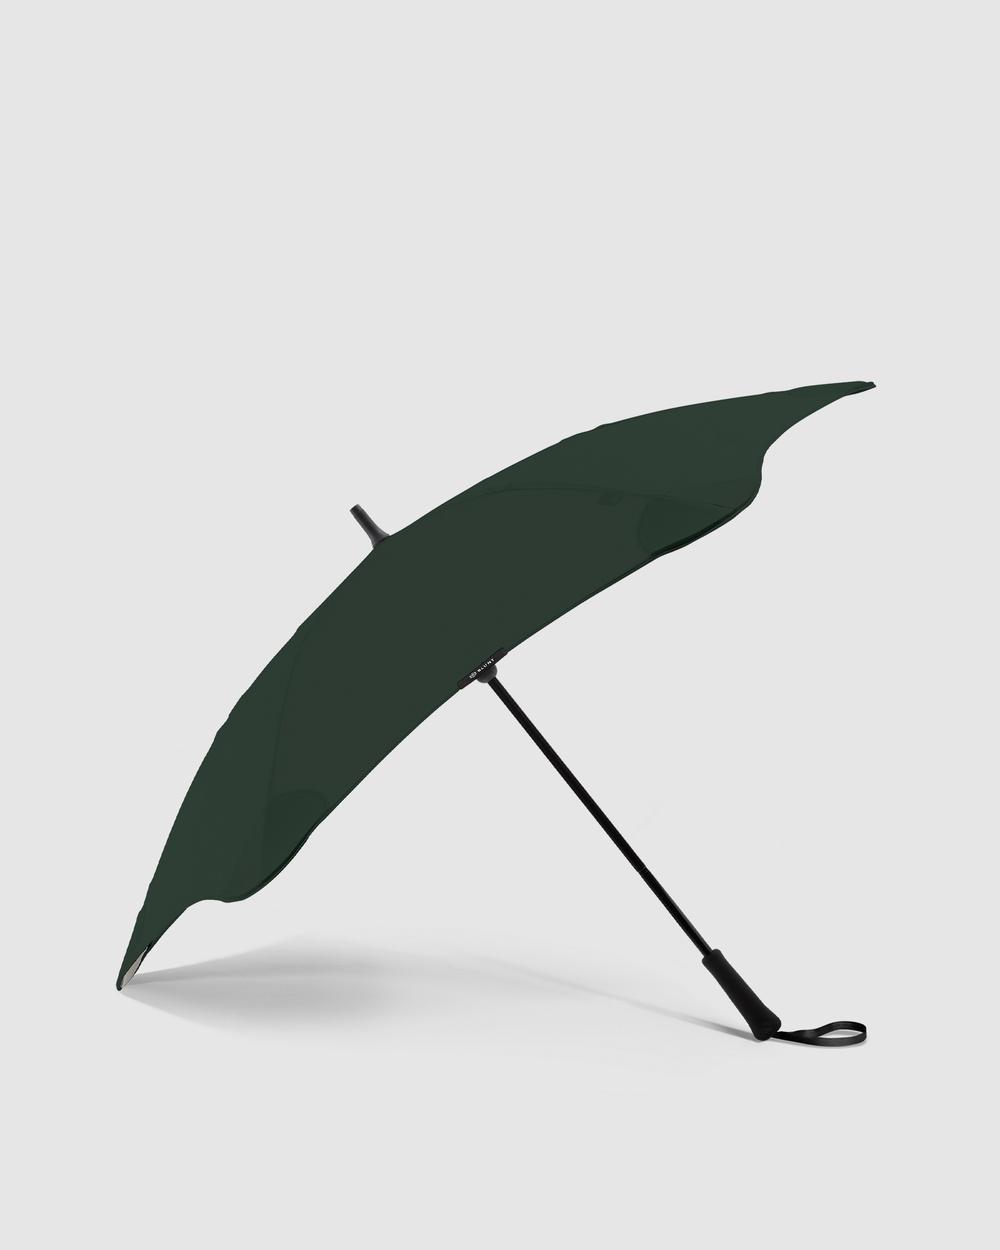 BLUNT Umbrellas Blunt Classic Umbrella Accessories Green